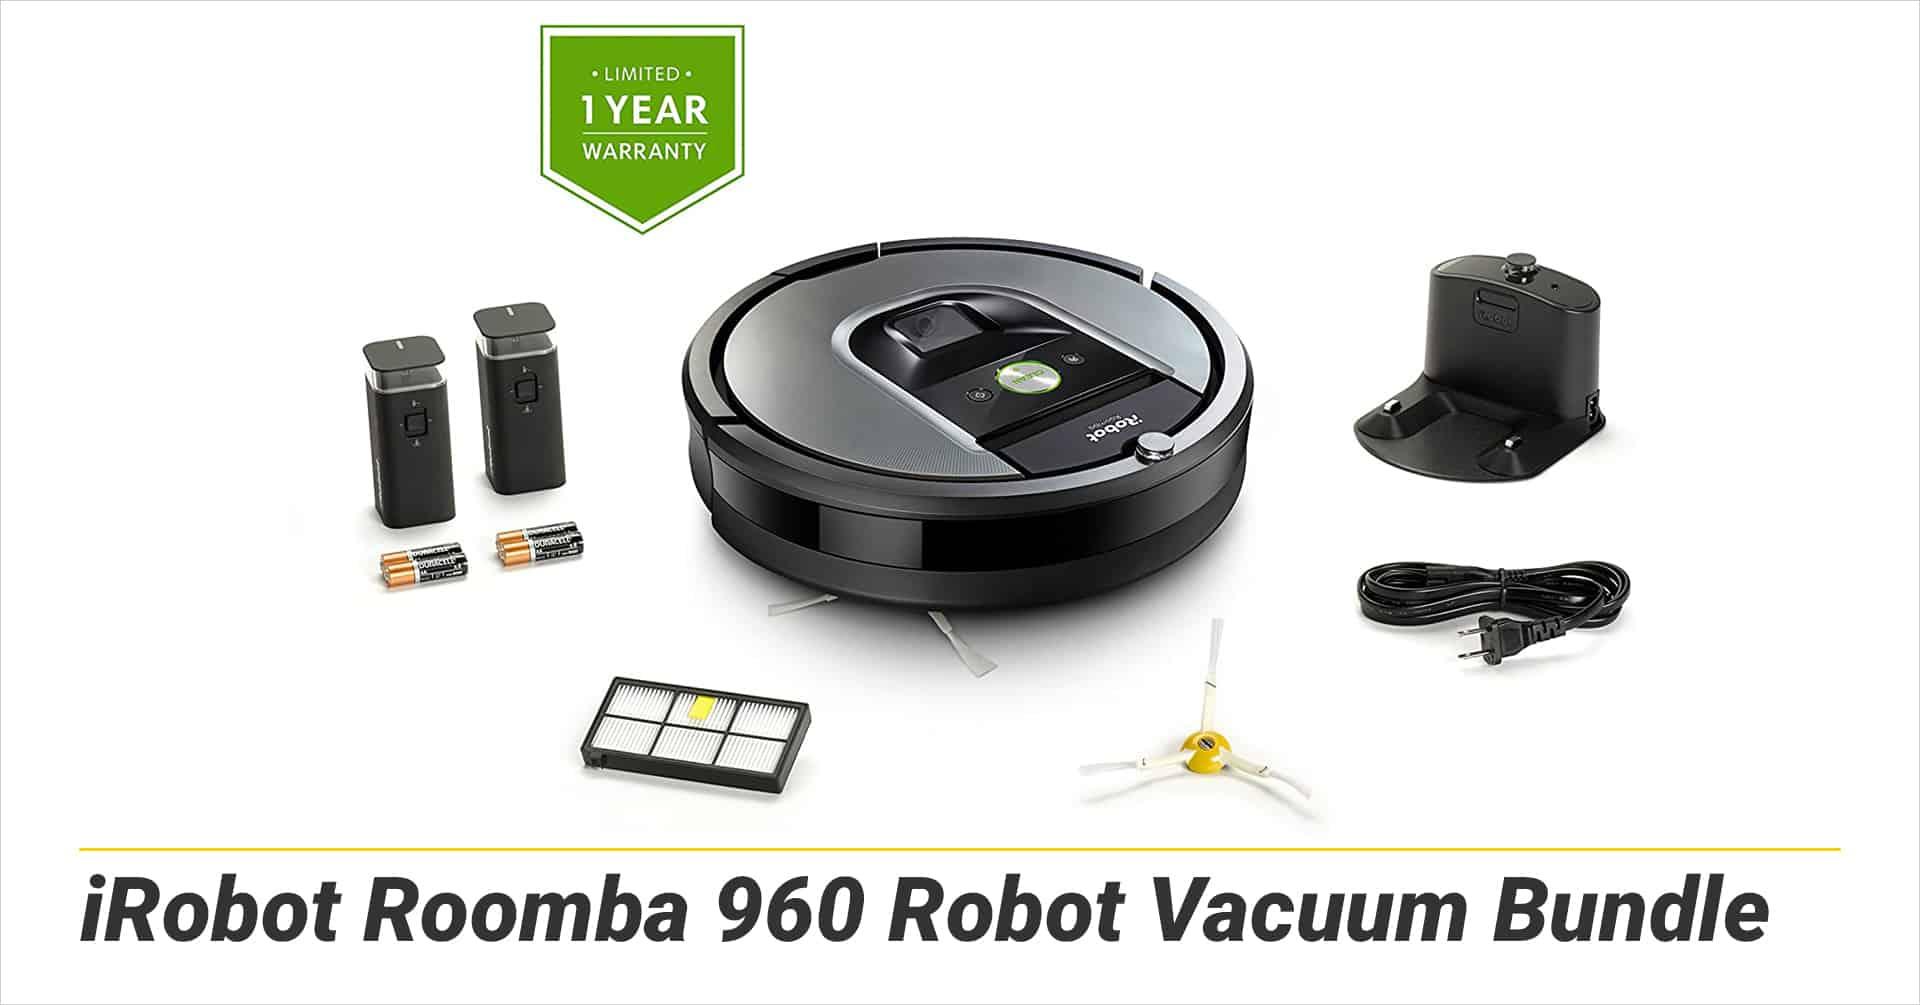 iRobot Roomba 960 Robot Vacuum Bundle